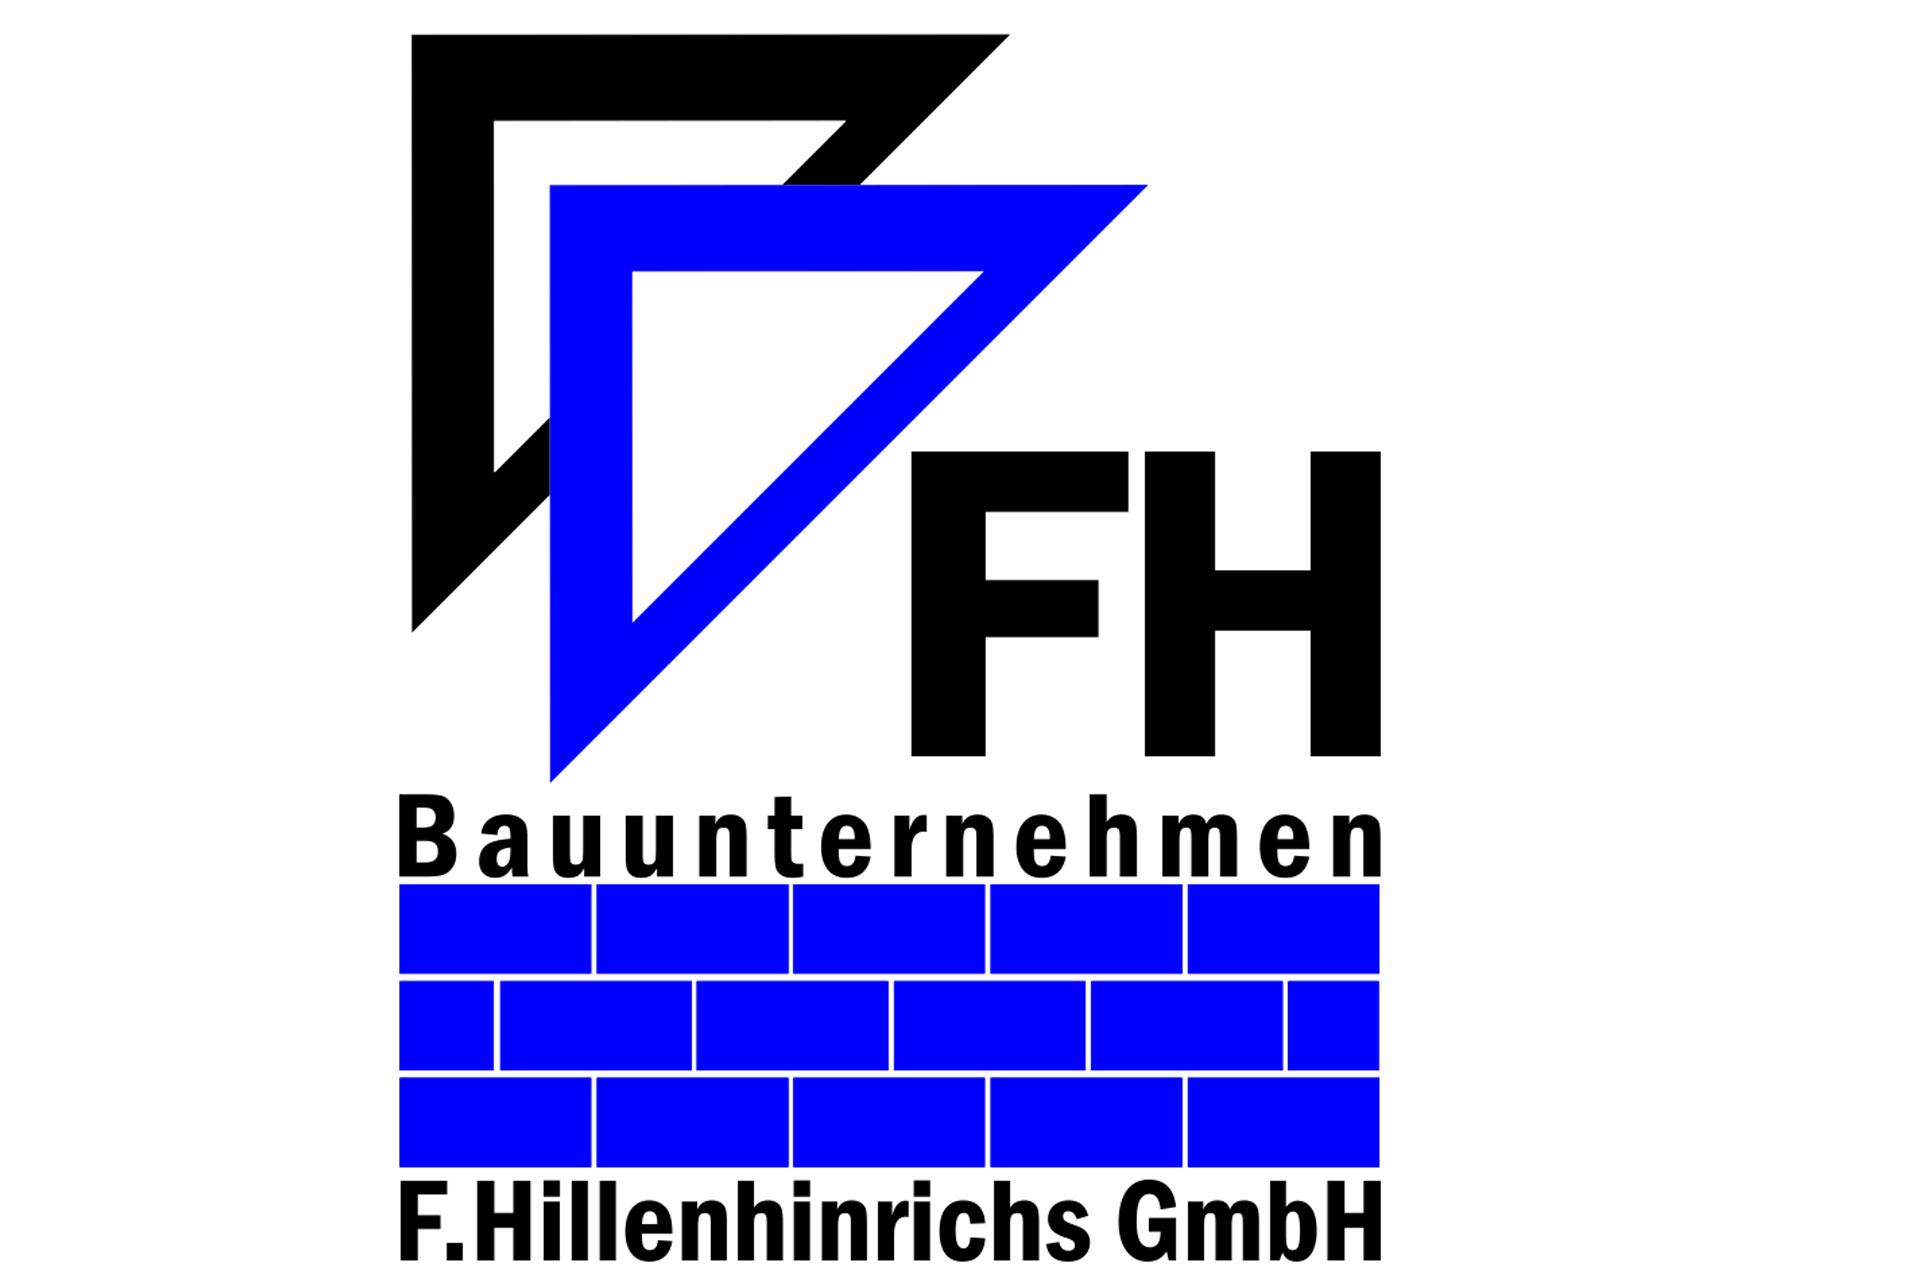 Logo Baunternehmen F. Hillenhinrichs GmbH